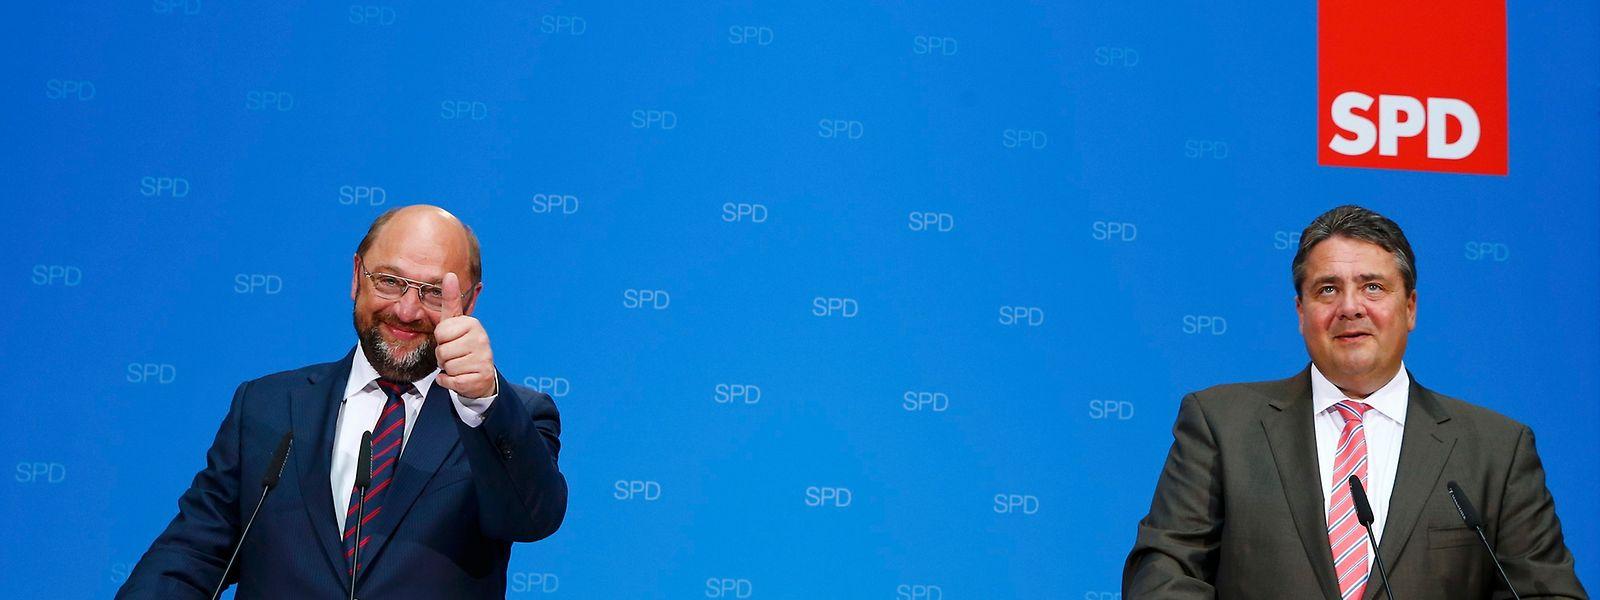 Jetzt also doch? Martin Schulz (l.) soll nach dem Willen von SPD-Chef Gabriel der Kanzlerkandidat der Sozialdemokraten werden.